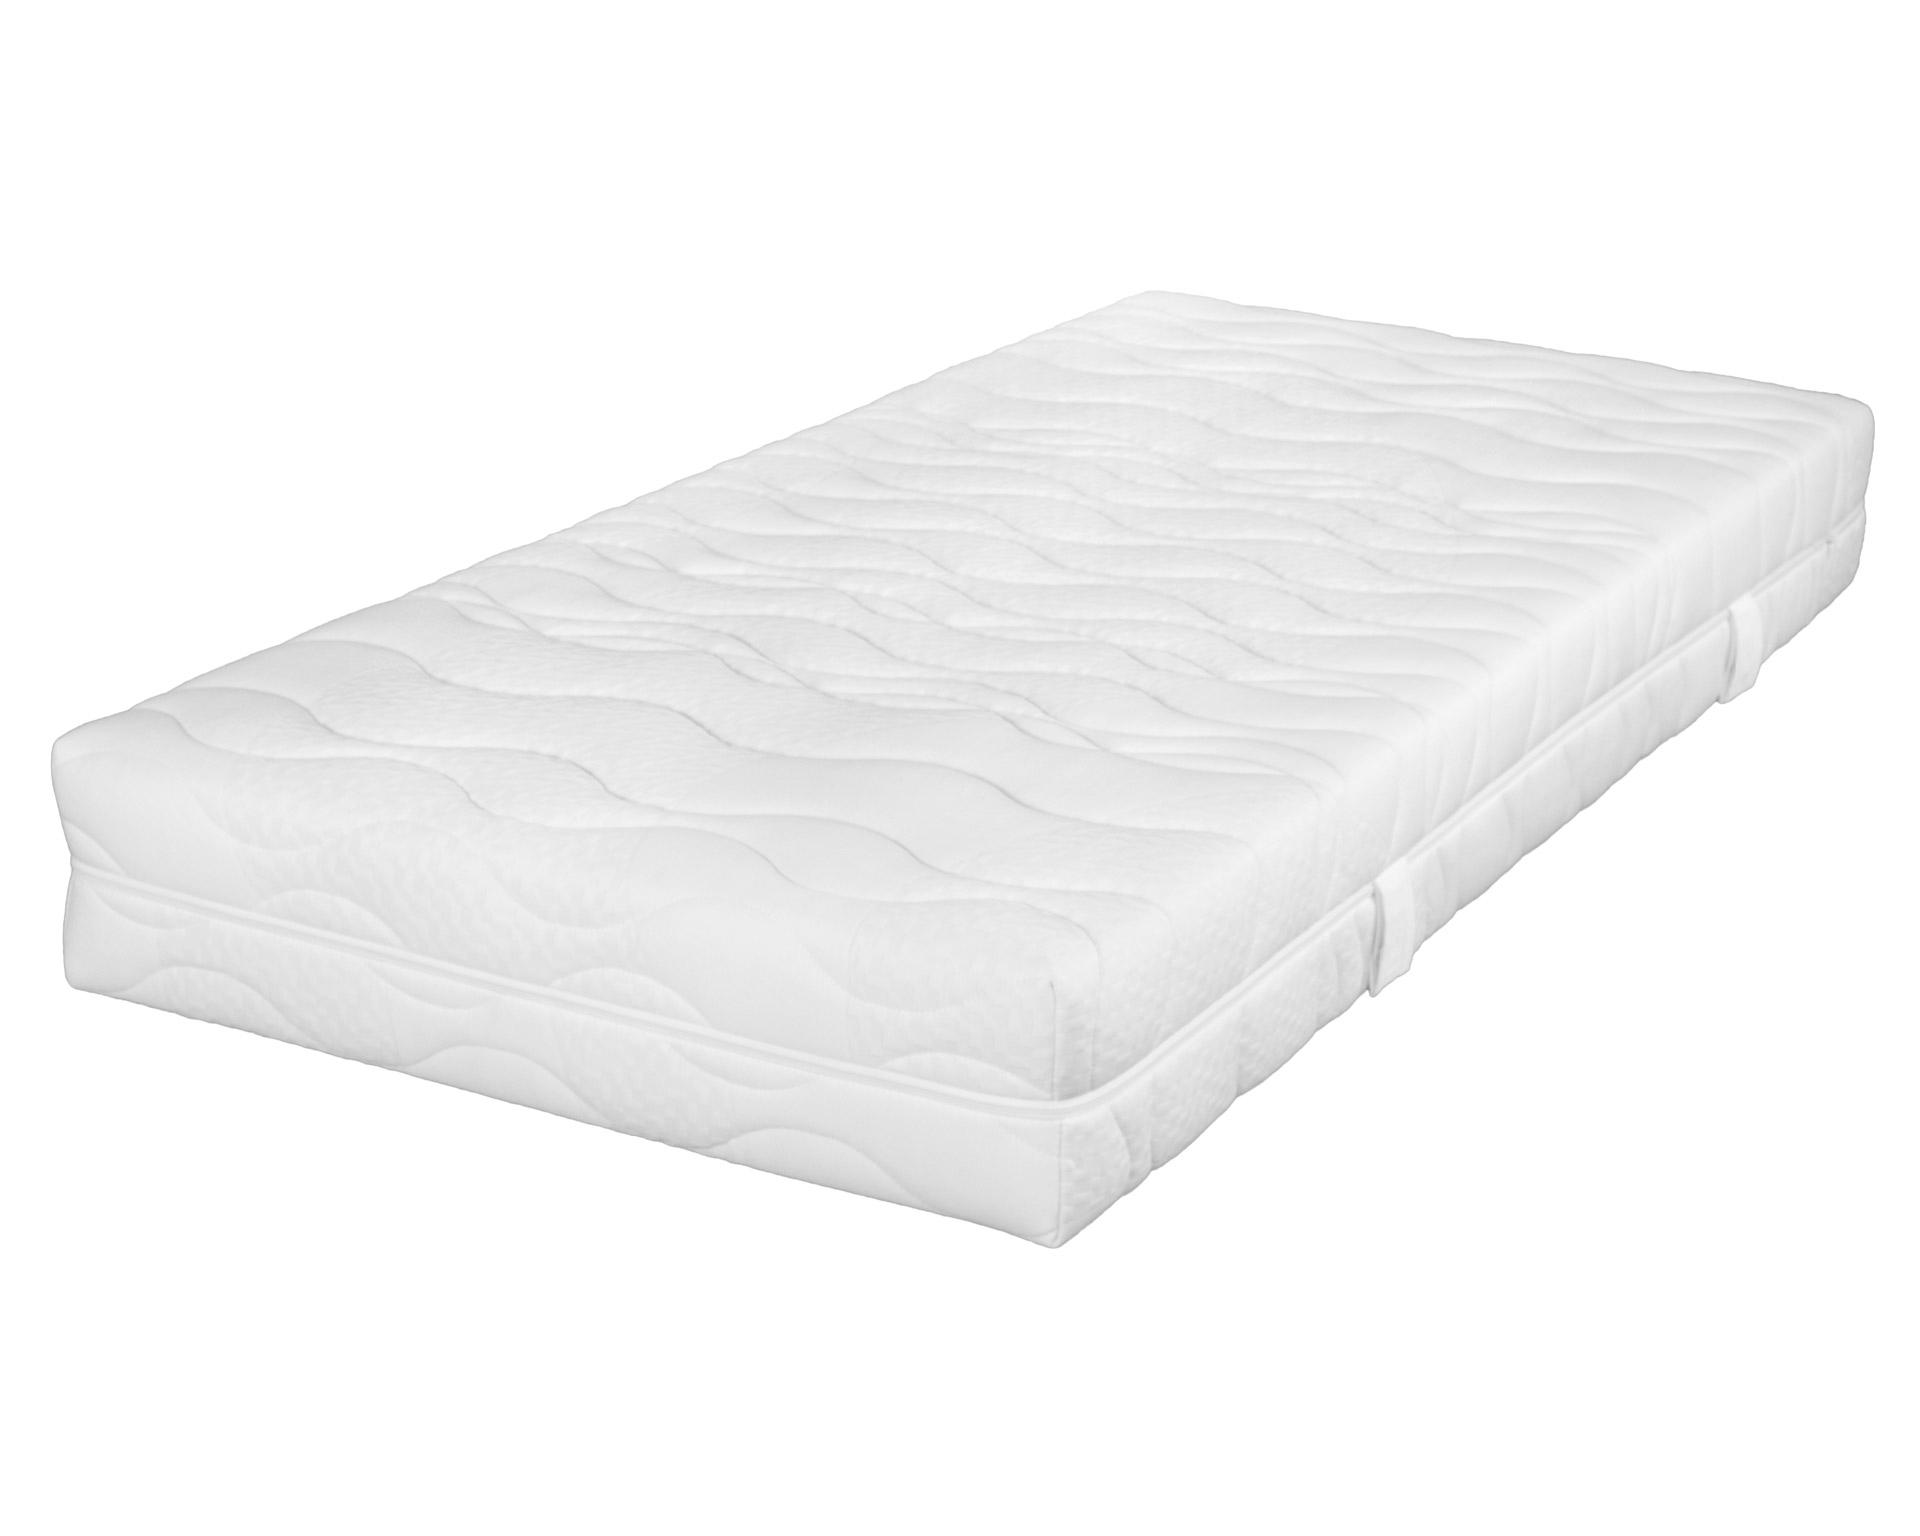 50 sparen matratze classic spring im d nischen bettenlager nur 149. Black Bedroom Furniture Sets. Home Design Ideas